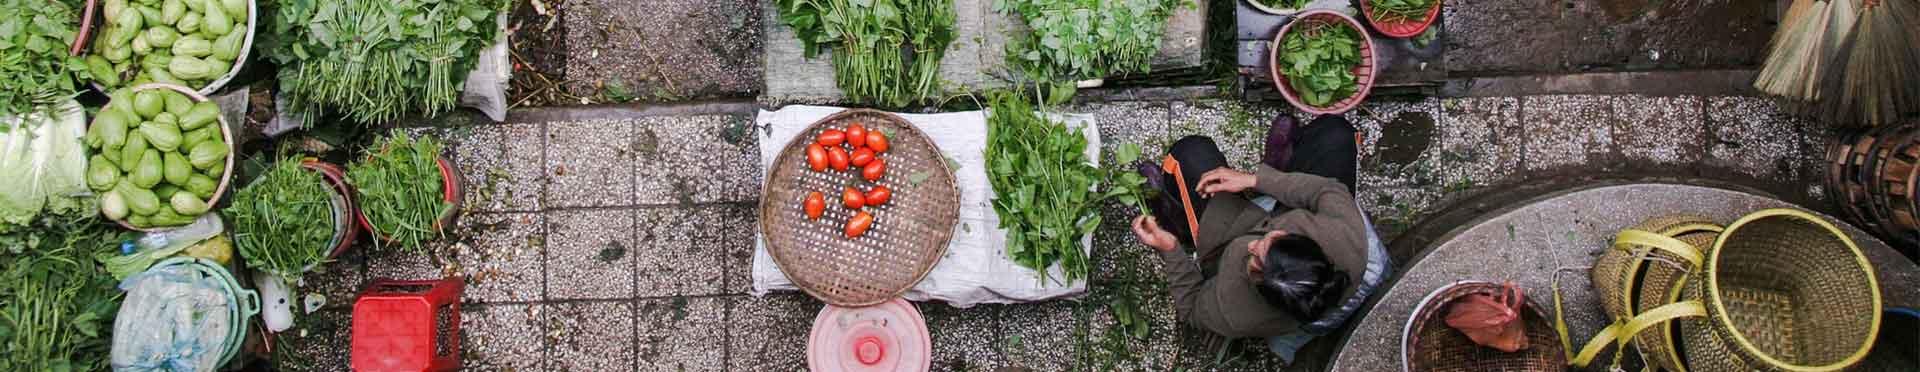 La verdura ecológica requiere fertilizantes ecológicos